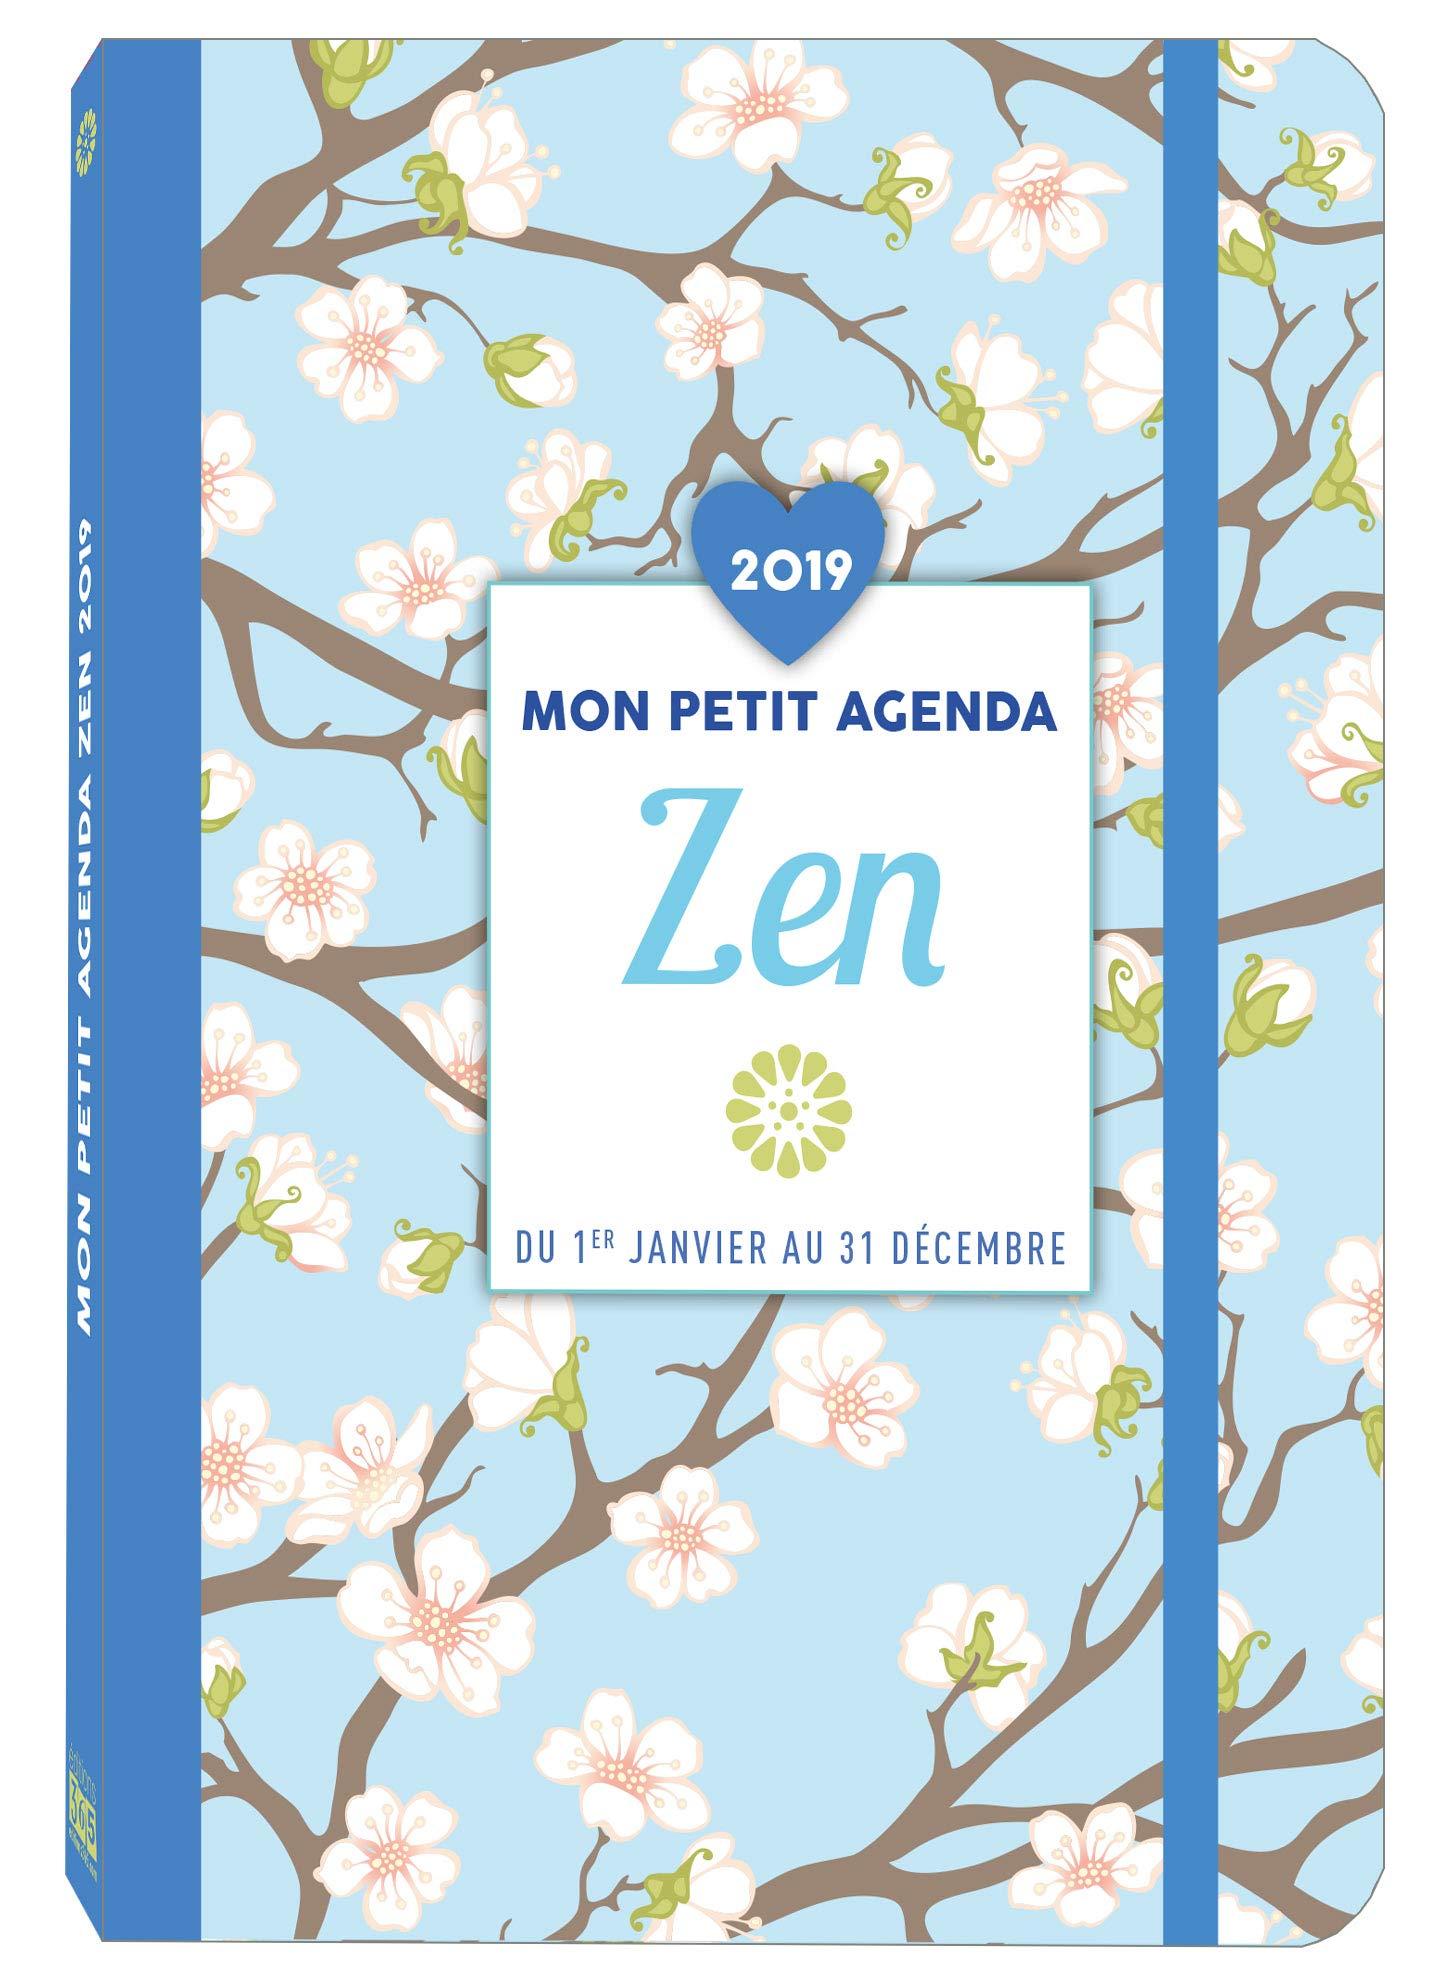 Mon petit agenda Zen 2019 Poche – 12 septembre 2018 Collectif Editions 365 2377611249 Vie quotidienne